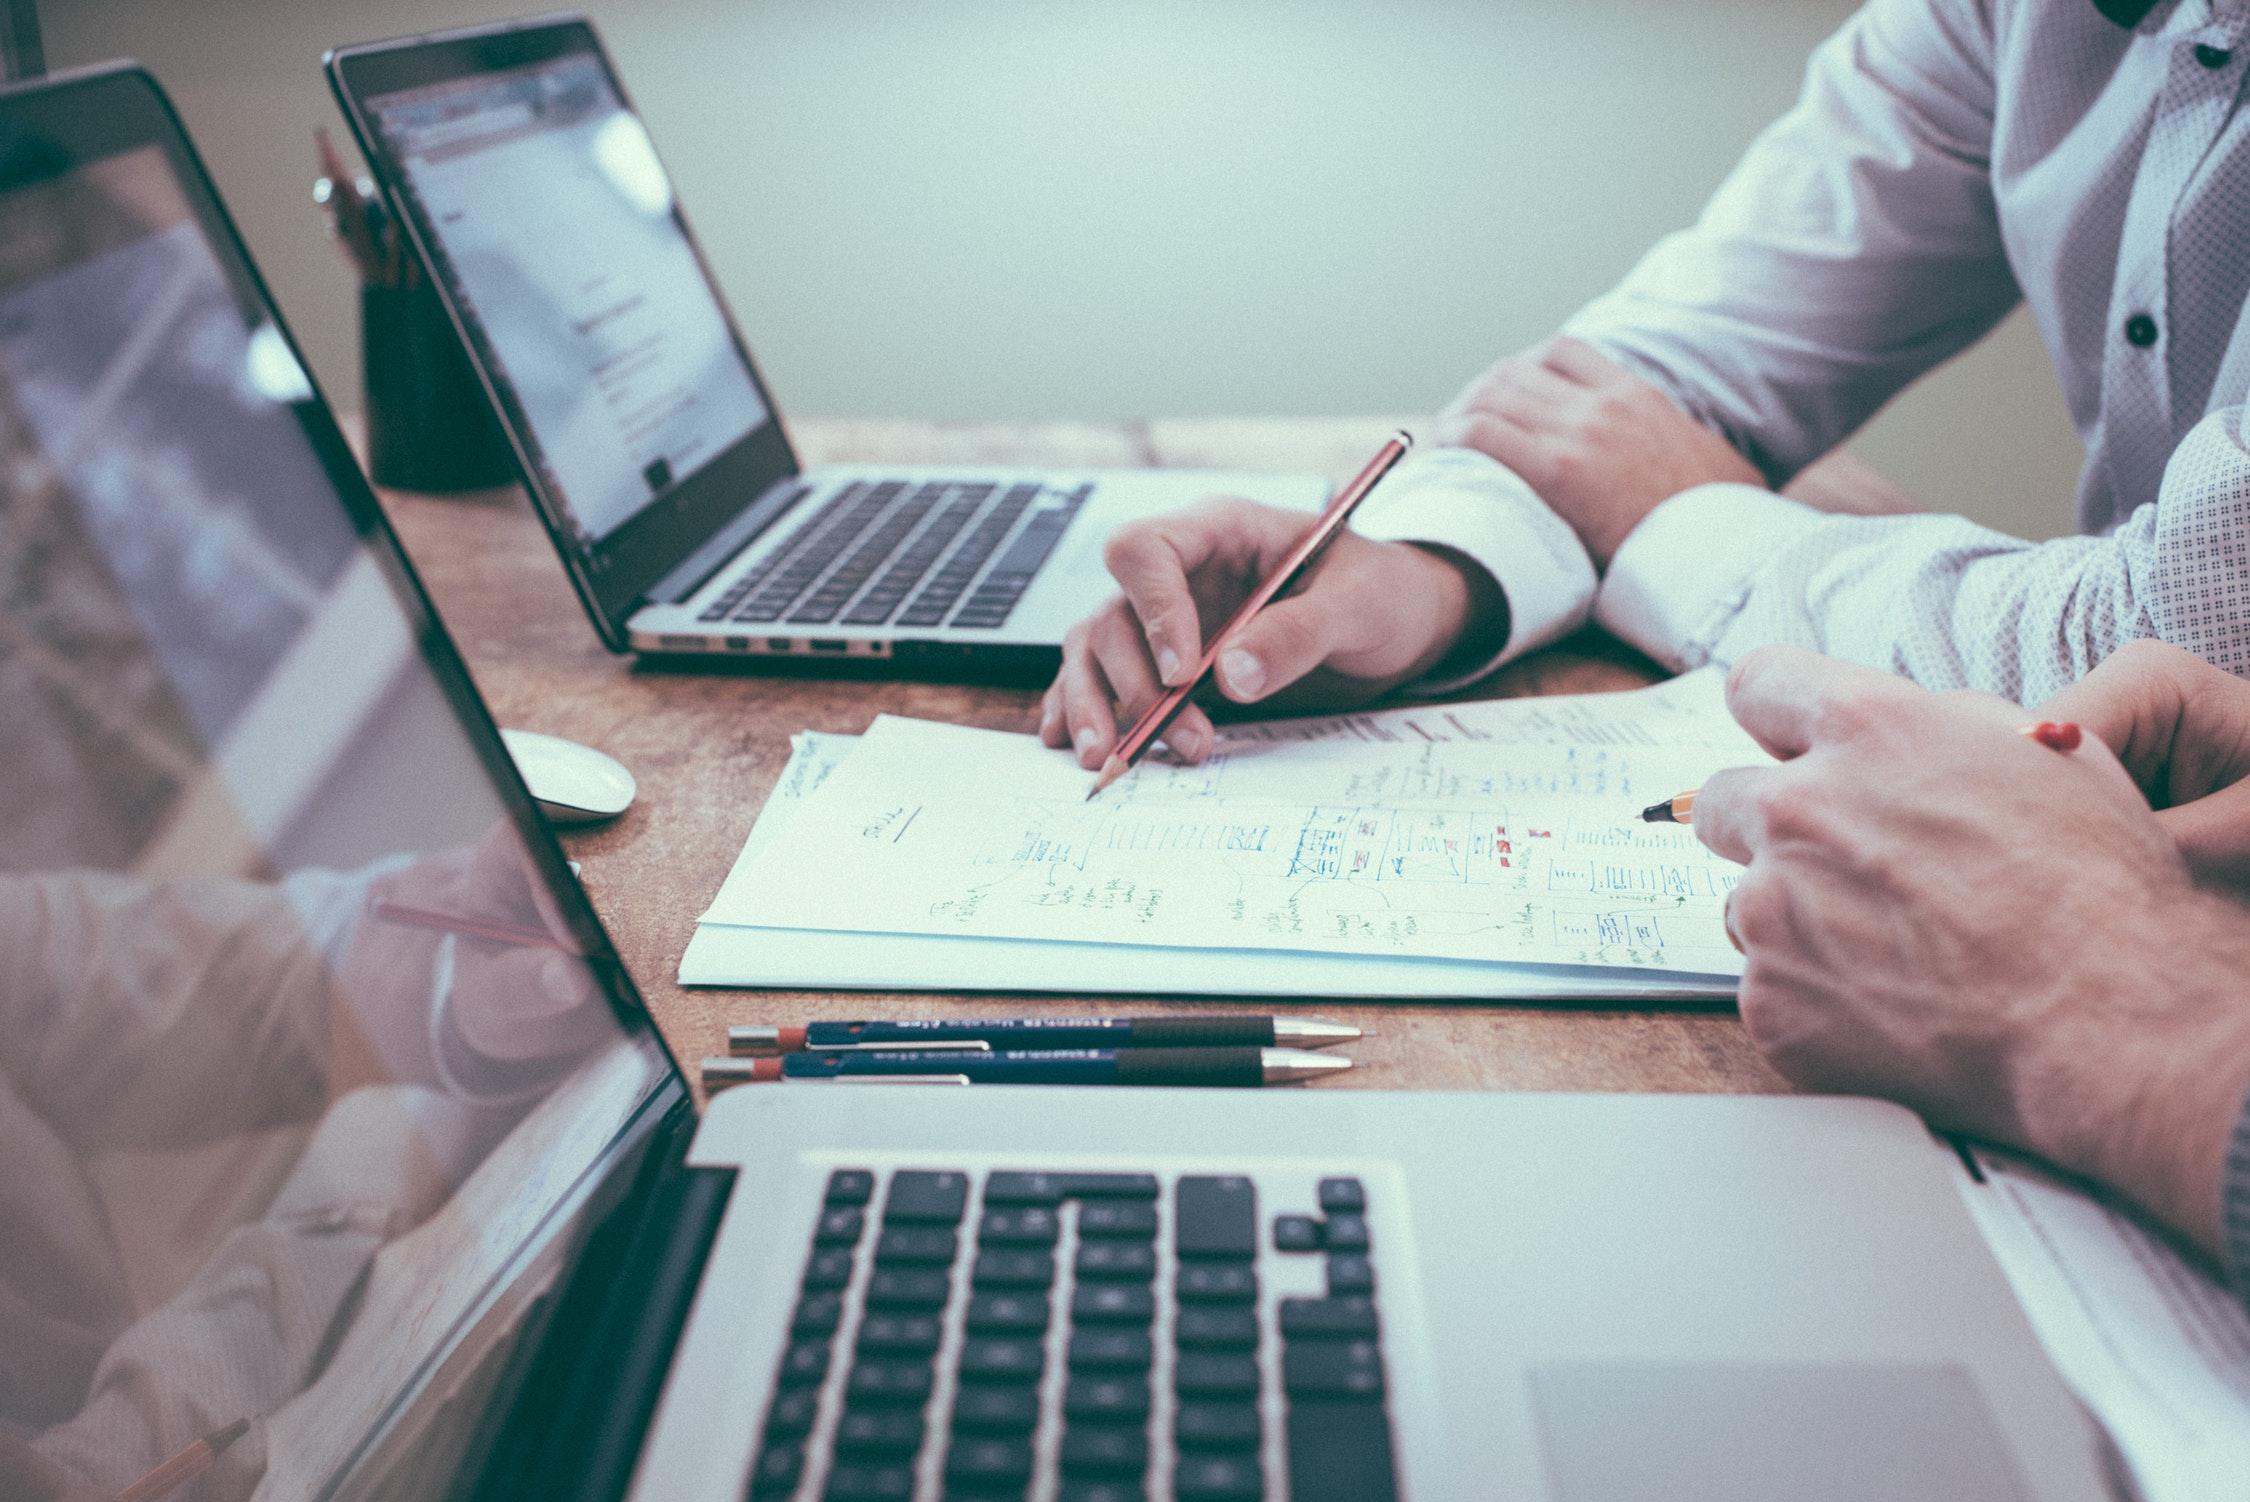 propuesta de valor - Capacitación y Diseño Estratégico para los colaboradores de tu empresa, para que entre 3 y 6 meses sepan diseñar y ejecutar su estrategias innovadoras & digitales. Así no dependerás de nuevo de ninguna otra agencia